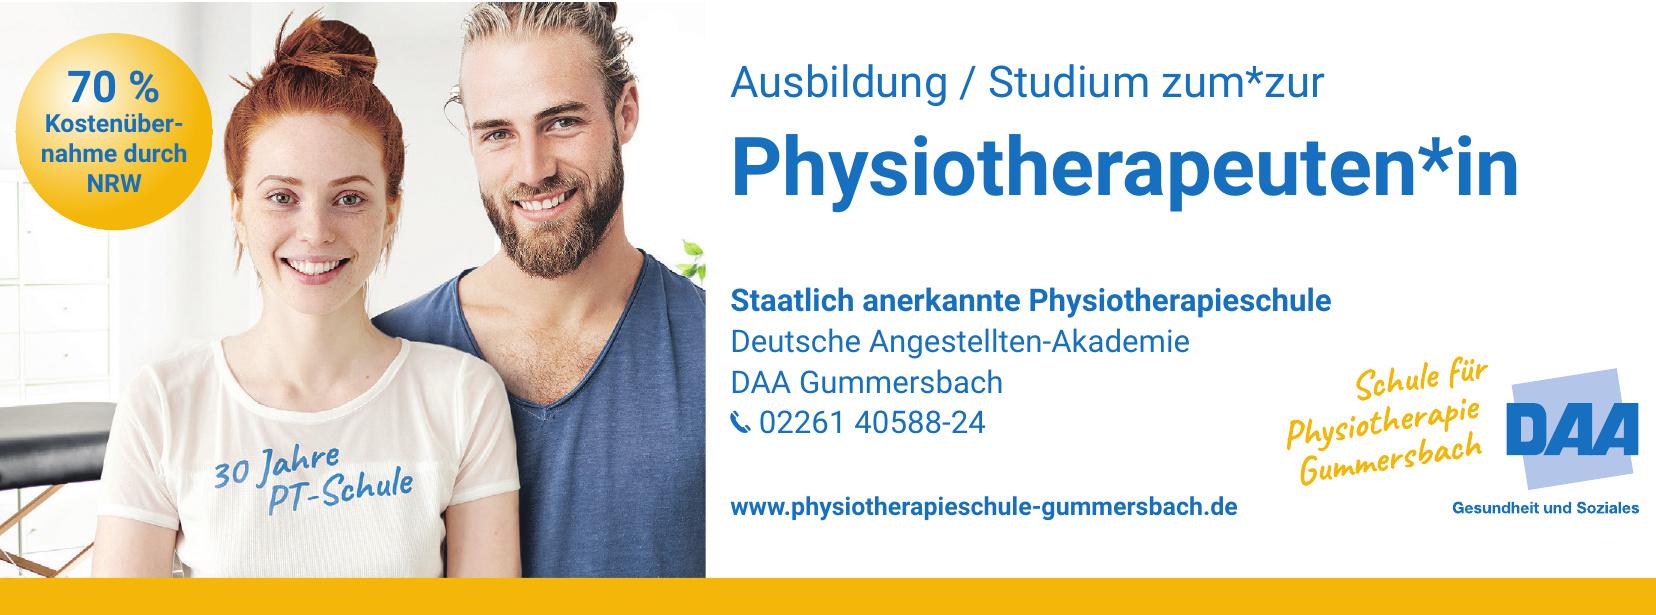 Staatlich anerkannte Physiotherapieschule - Deutsche Angestellten-Akademie